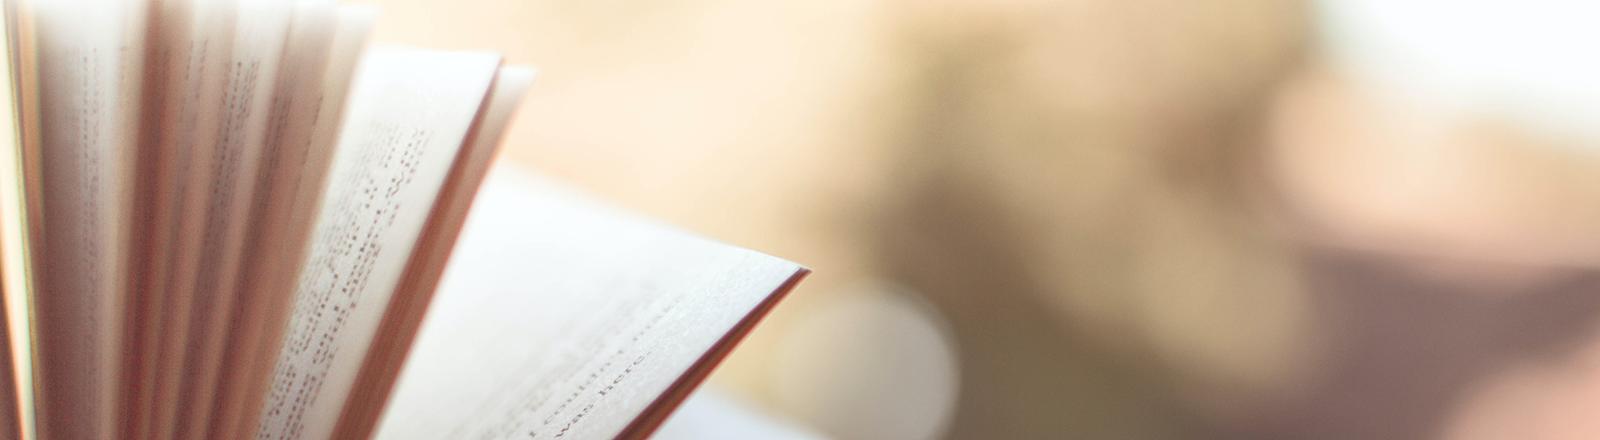 Nahaufnahme eines aufgeblätterten Buches